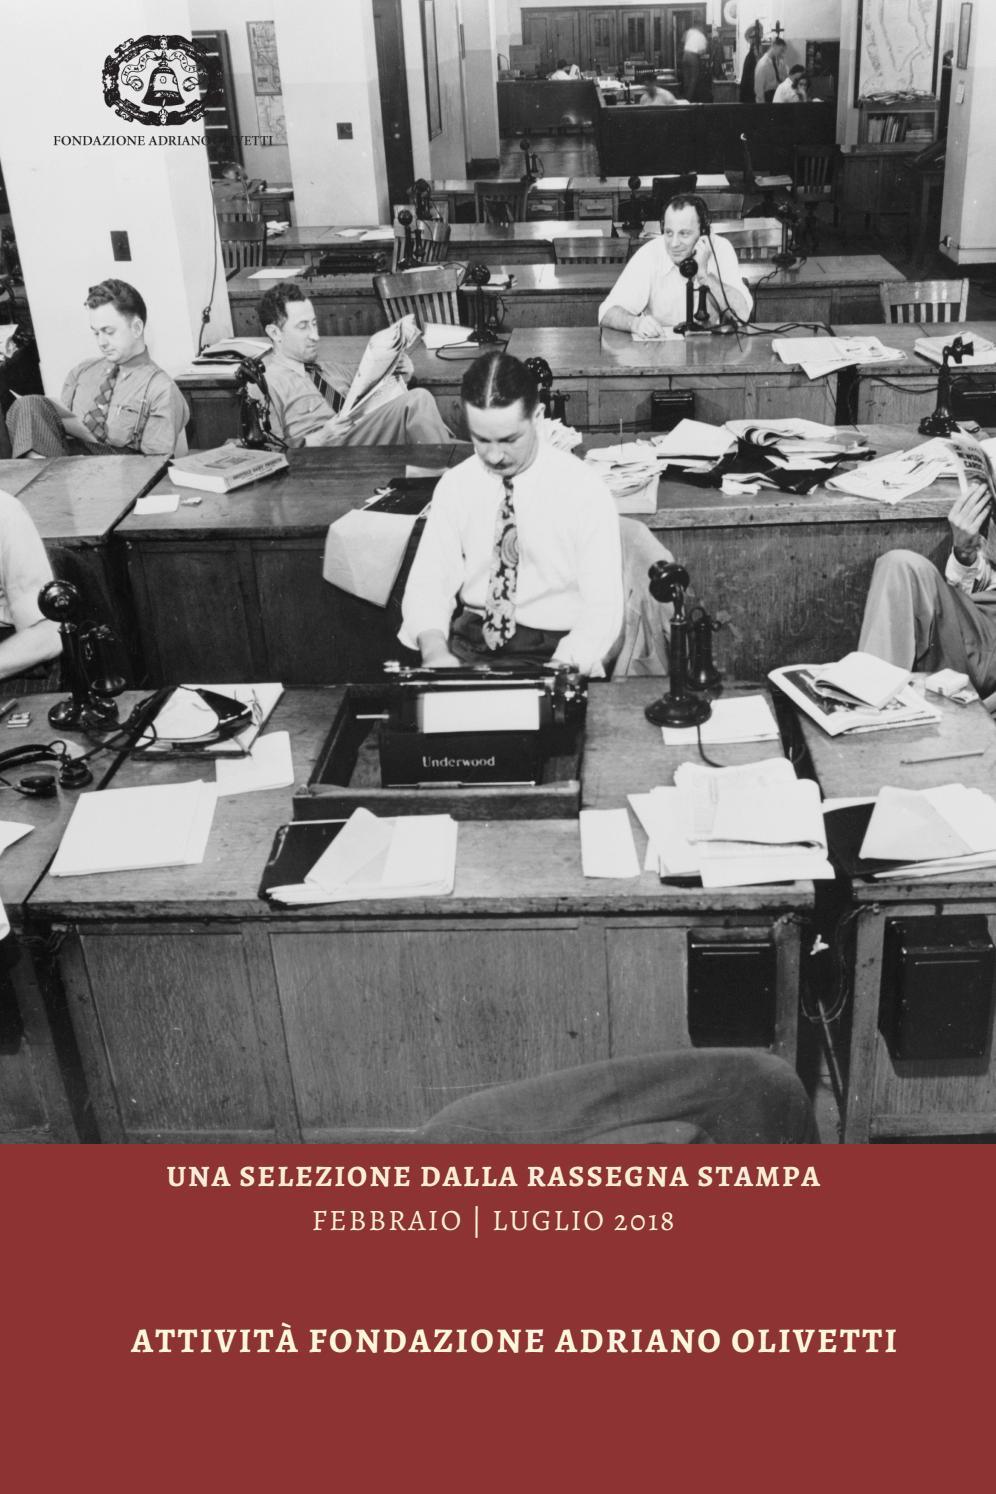 Rassegna Stampa Fondazione Adriano Olivetti Febbraio